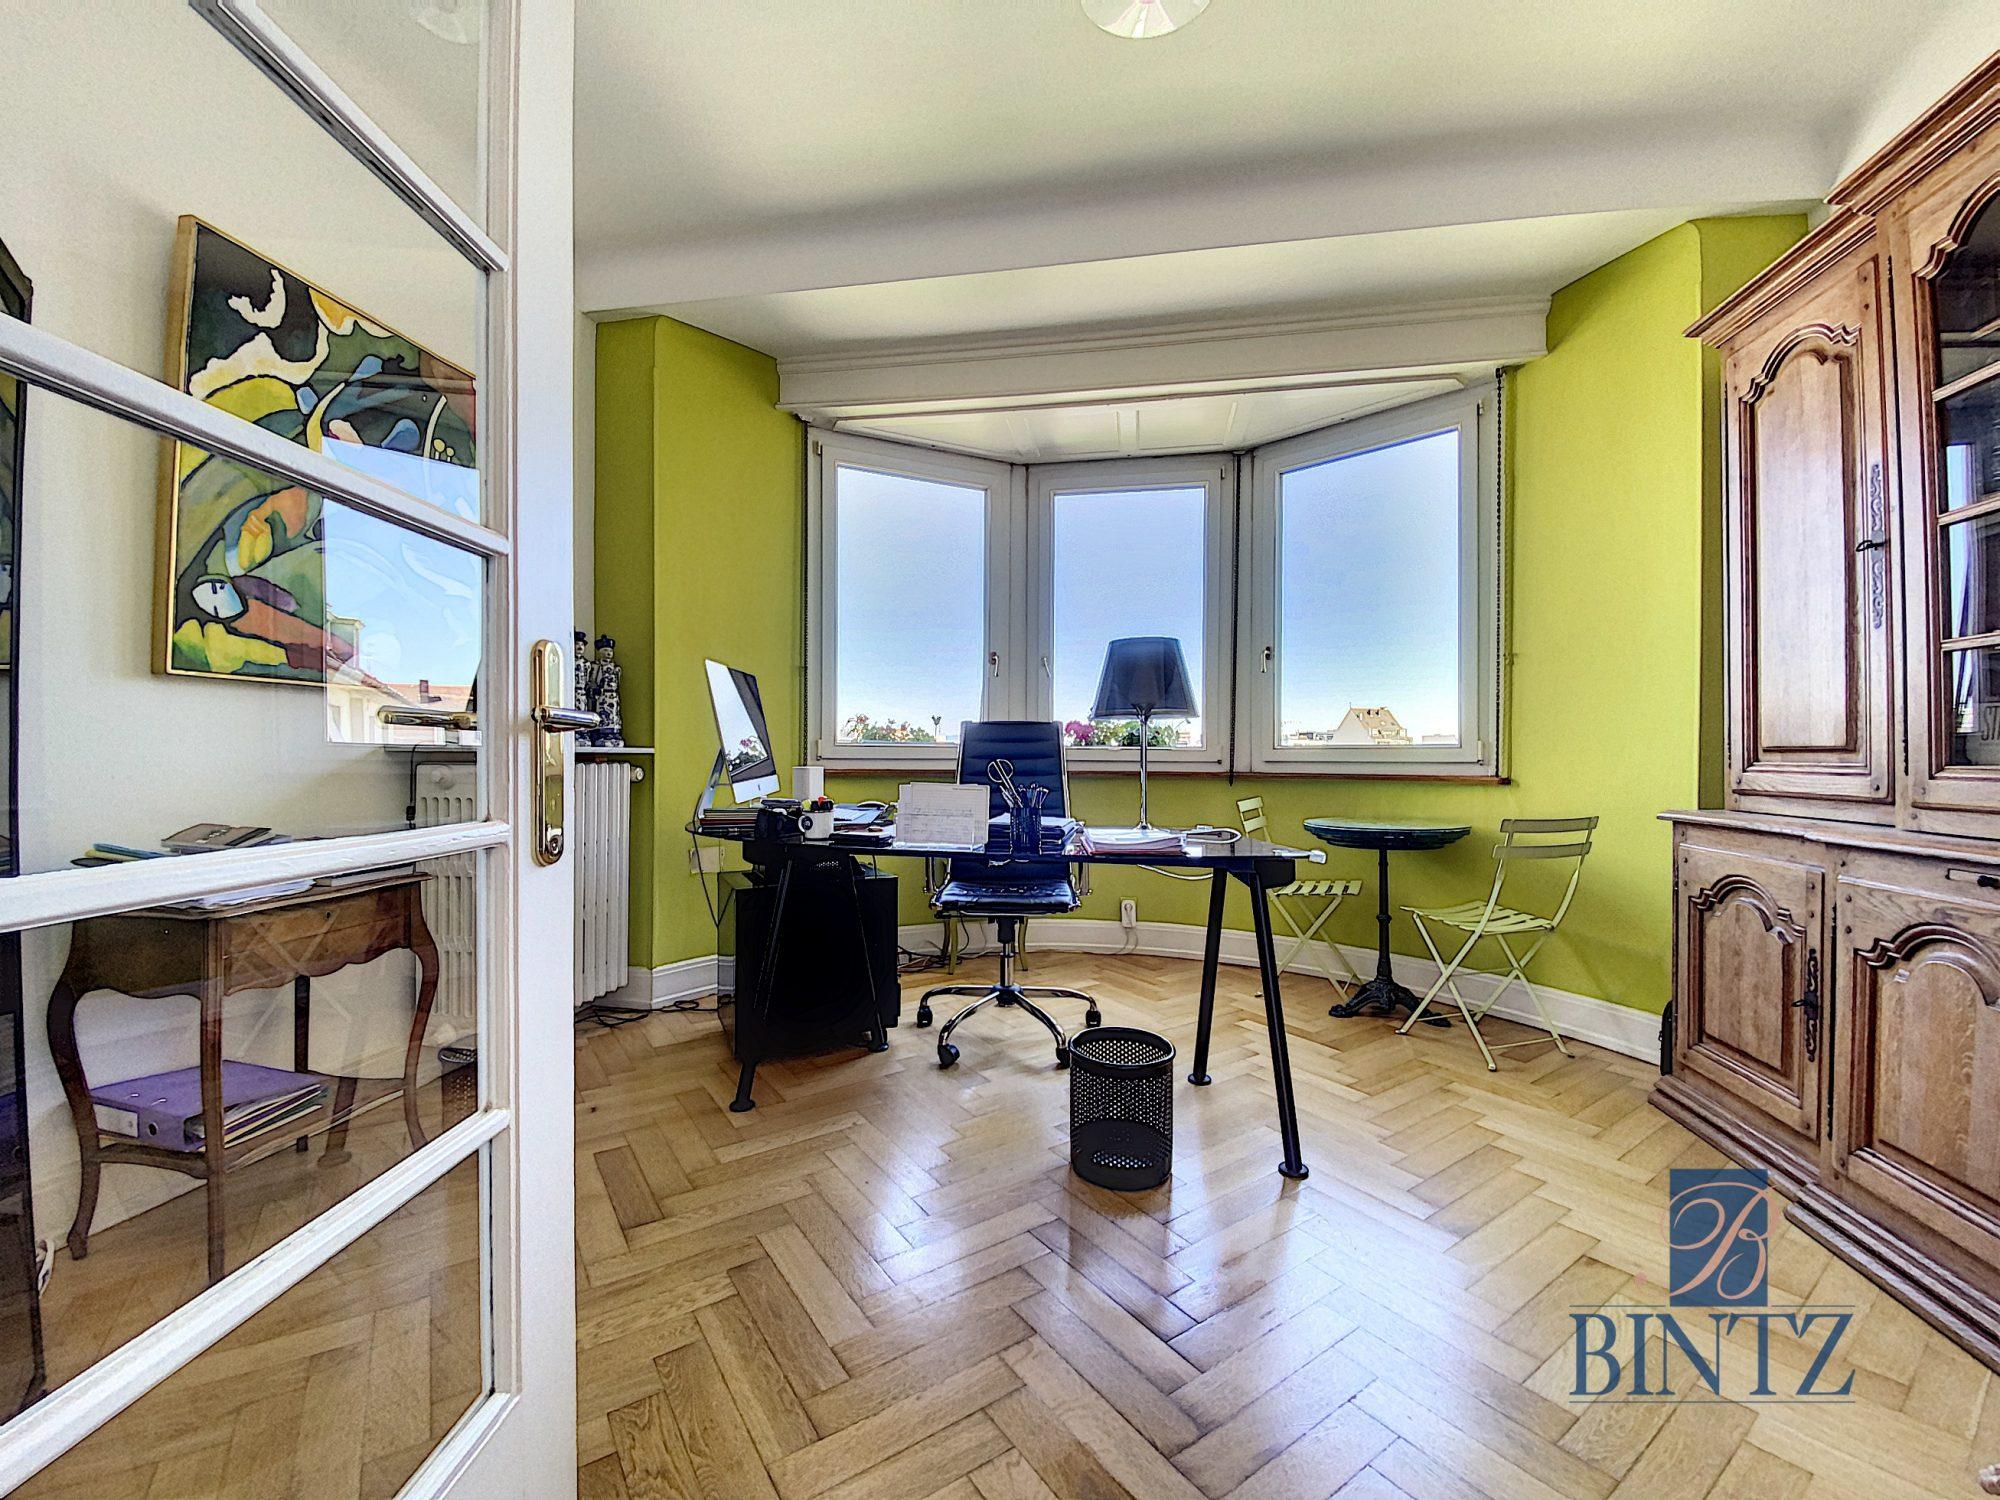 5 PIÈCES QUARTIER DES HALLES - Devenez propriétaire en toute confiance - Bintz Immobilier - 7